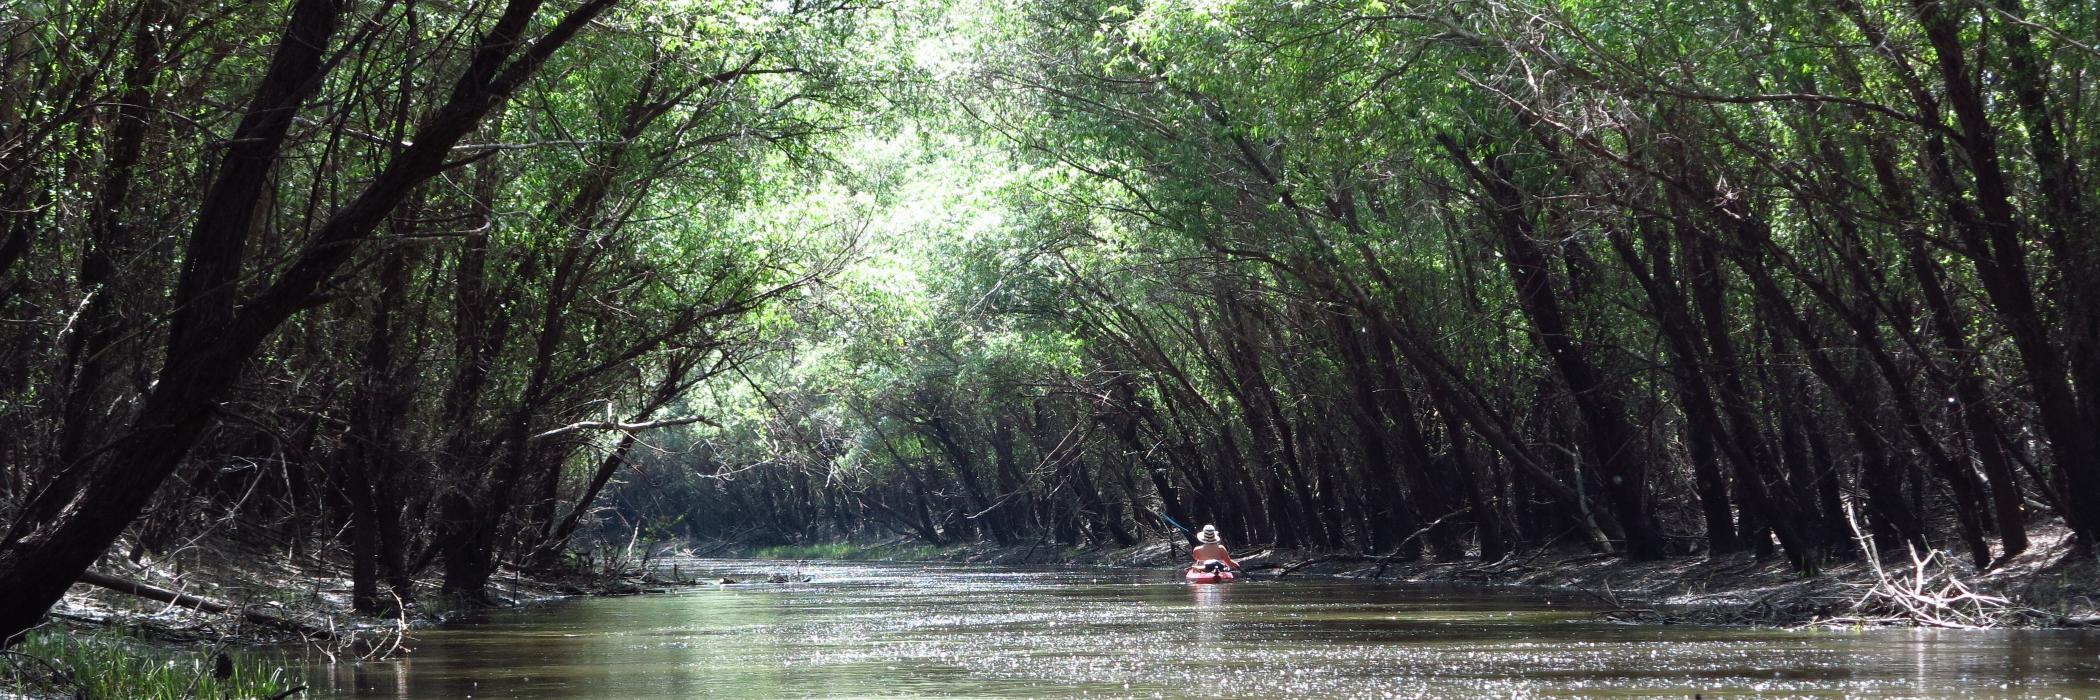 Zagyva - Kajakozás a bájos zöld folyón